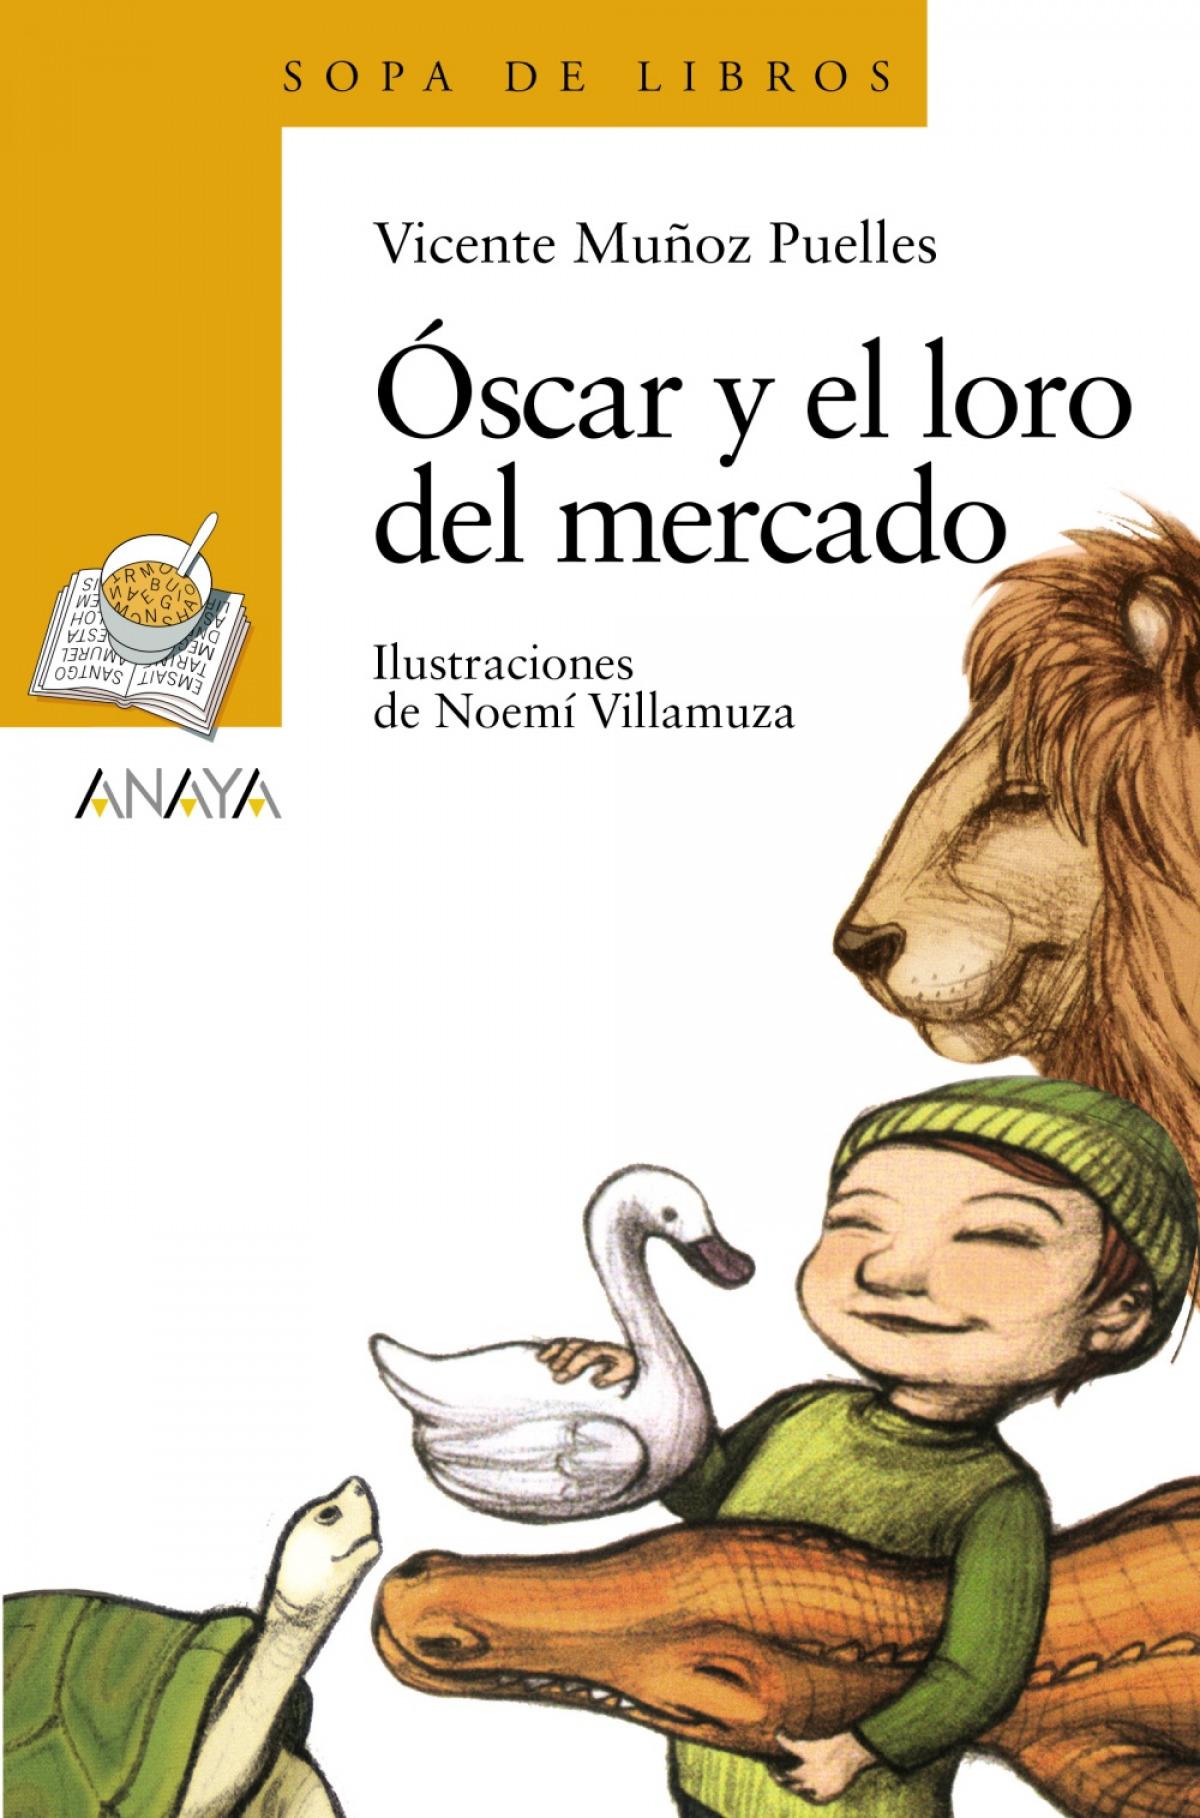 Óscar y el loro del mercado